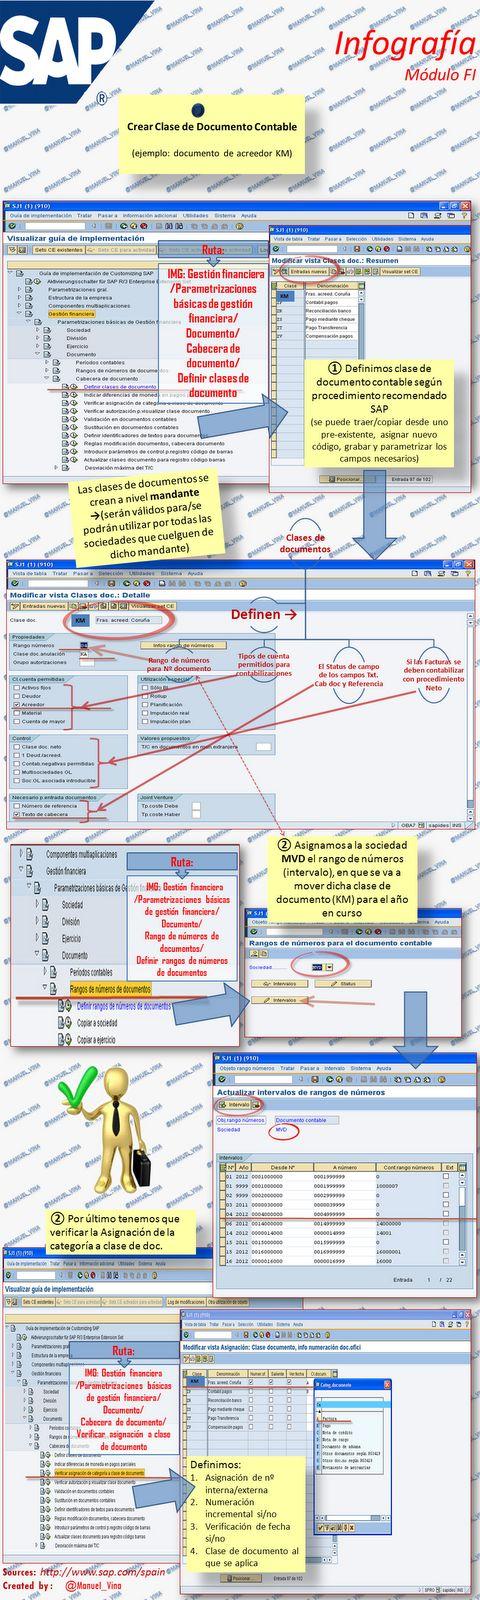 |19| #Infografía sobre #Sap-Fi Crear clase de Documento Contable | Notas prácticas de gestión.